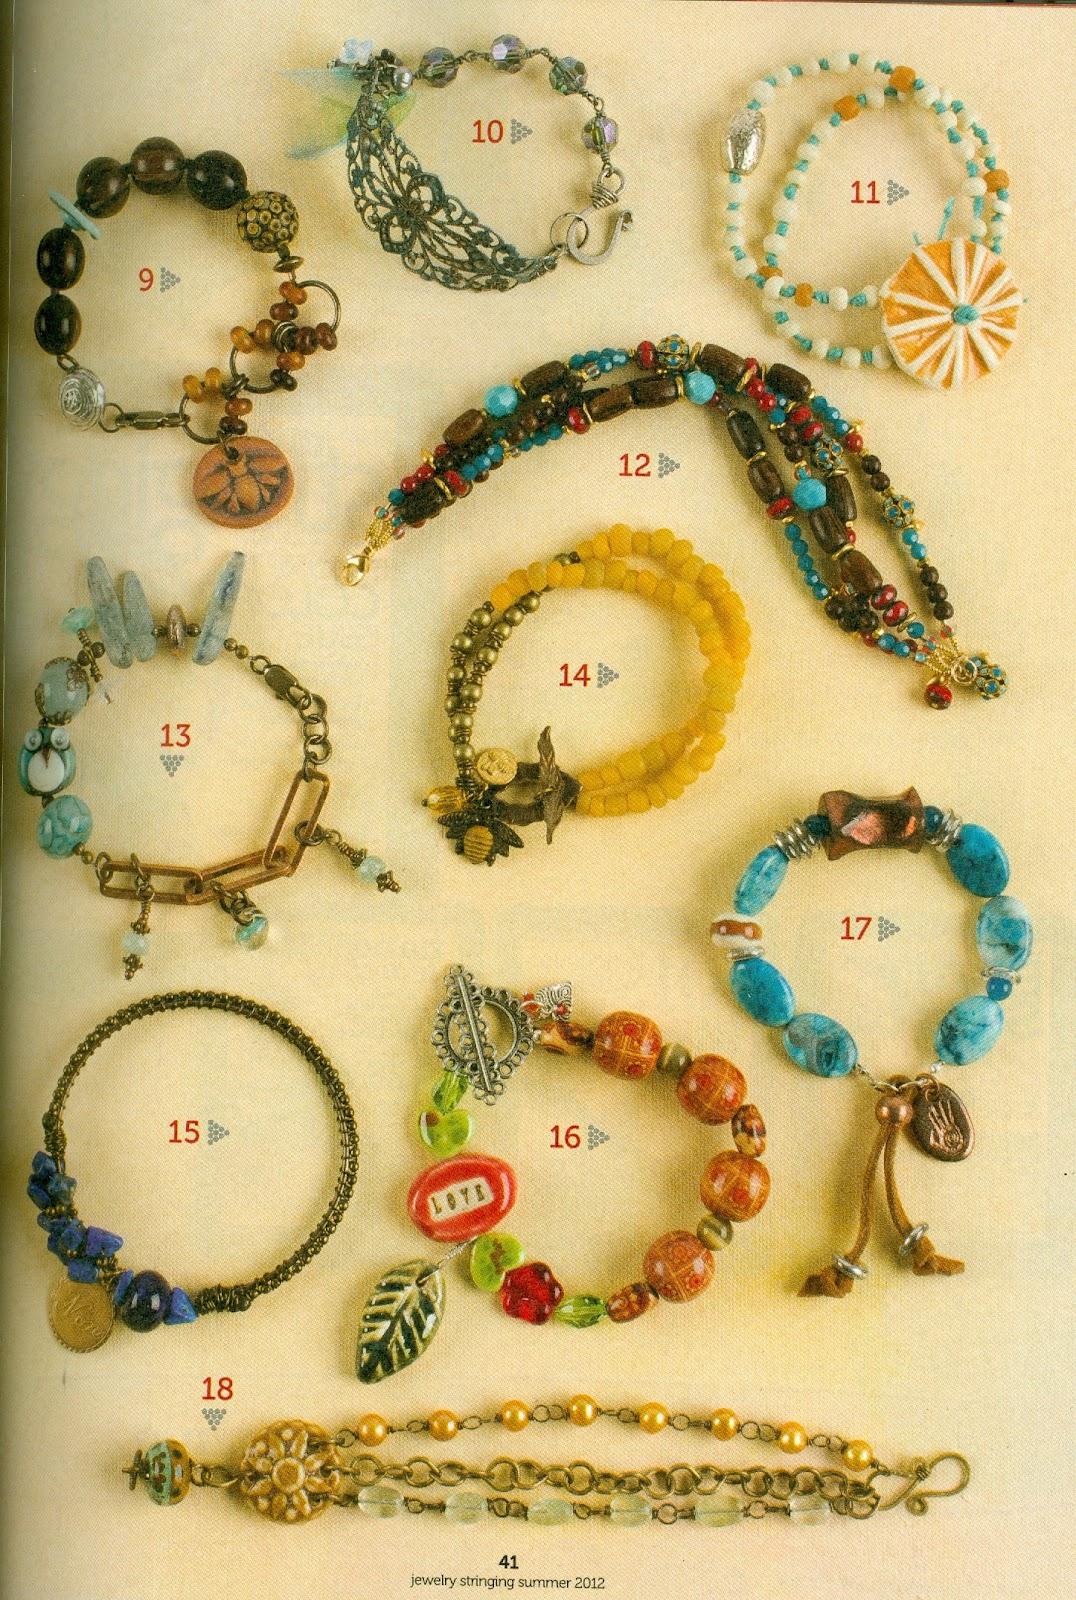 Stringing Beads Magazine The New Stringing Magazine Has